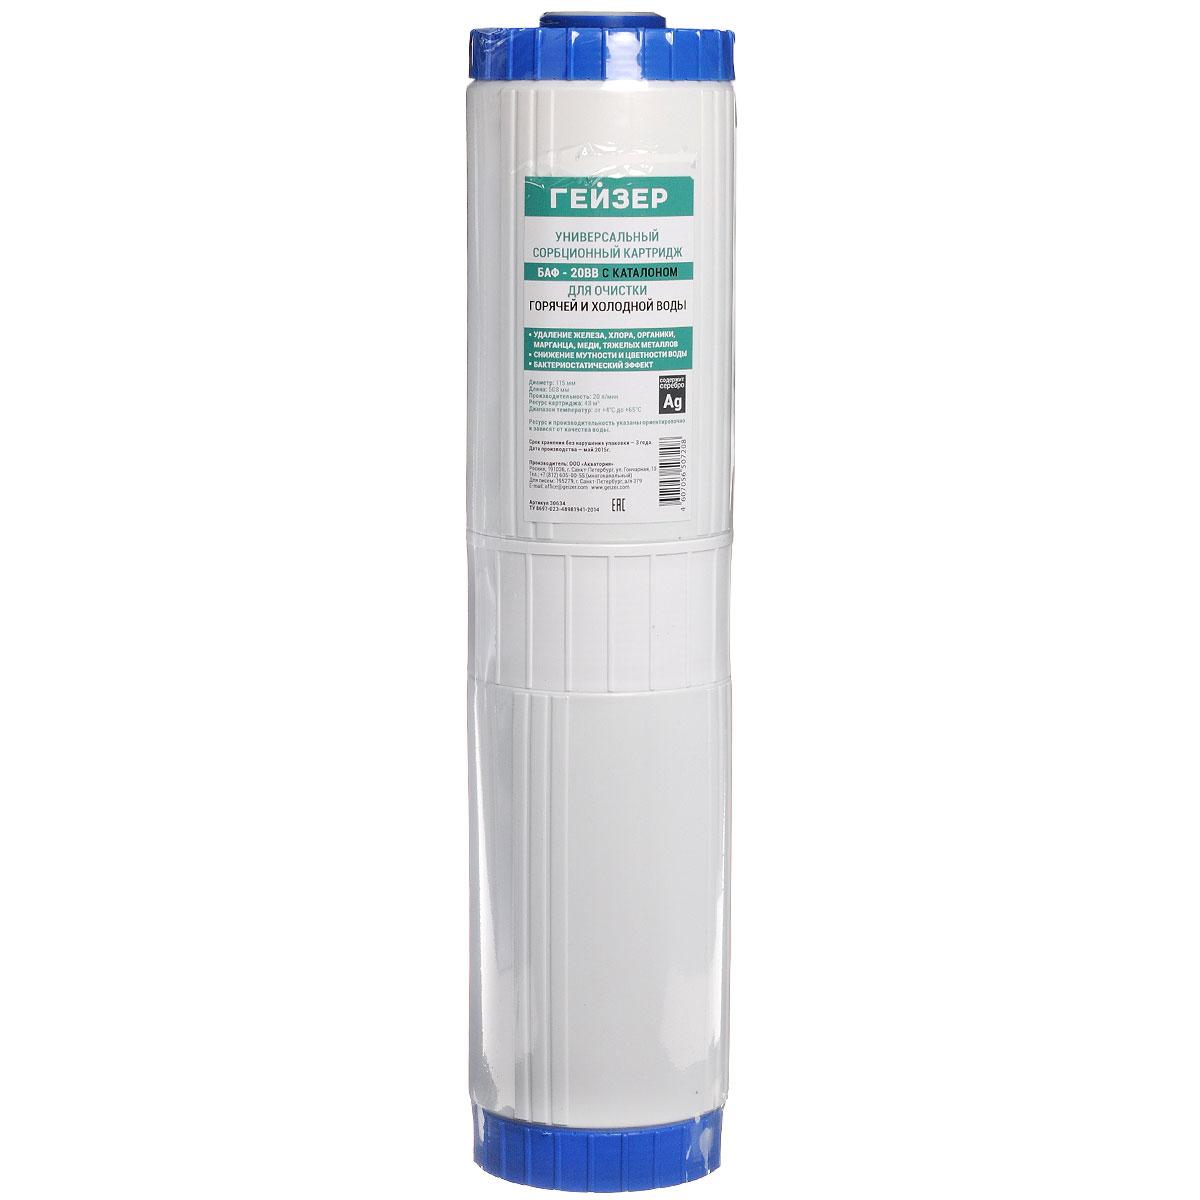 Картридж универсальный ГейзерБАФ 20 BB30634Картридж Гейзер БАФ 20BB.Предназначен для очистки питьевой воды и может быть использован как одноступенчатый фильтр, так и в составе тройки на 2-ой и 3 –й ступени. Эффективноудаляет:твердые частицы, хлор, хлорорганические соединения, бензол, фенол, органические соединения, нефтепродукты, пестициды, железо, медь, марганец, ртуть, ионы тяжелых металлов, мутность, цветность, неприятные привкусы и запахи, бактерии и вирусы определенного ряда и др.Основное предназначение очистка воды от остаточного хлора, органических соединений ижелеза при содержании до 2 мг/л.Универсальный картридж – сохраняет эффективность при среднесуточном потреблении воды 7л на протяжении 300 днейи имеетресурс эксплуатациибез забивания -48 000 л.Диаметр картриджа: 11,5 см. Длина: 50,8 см. Диапазон температур: от +4°С до 40°С.